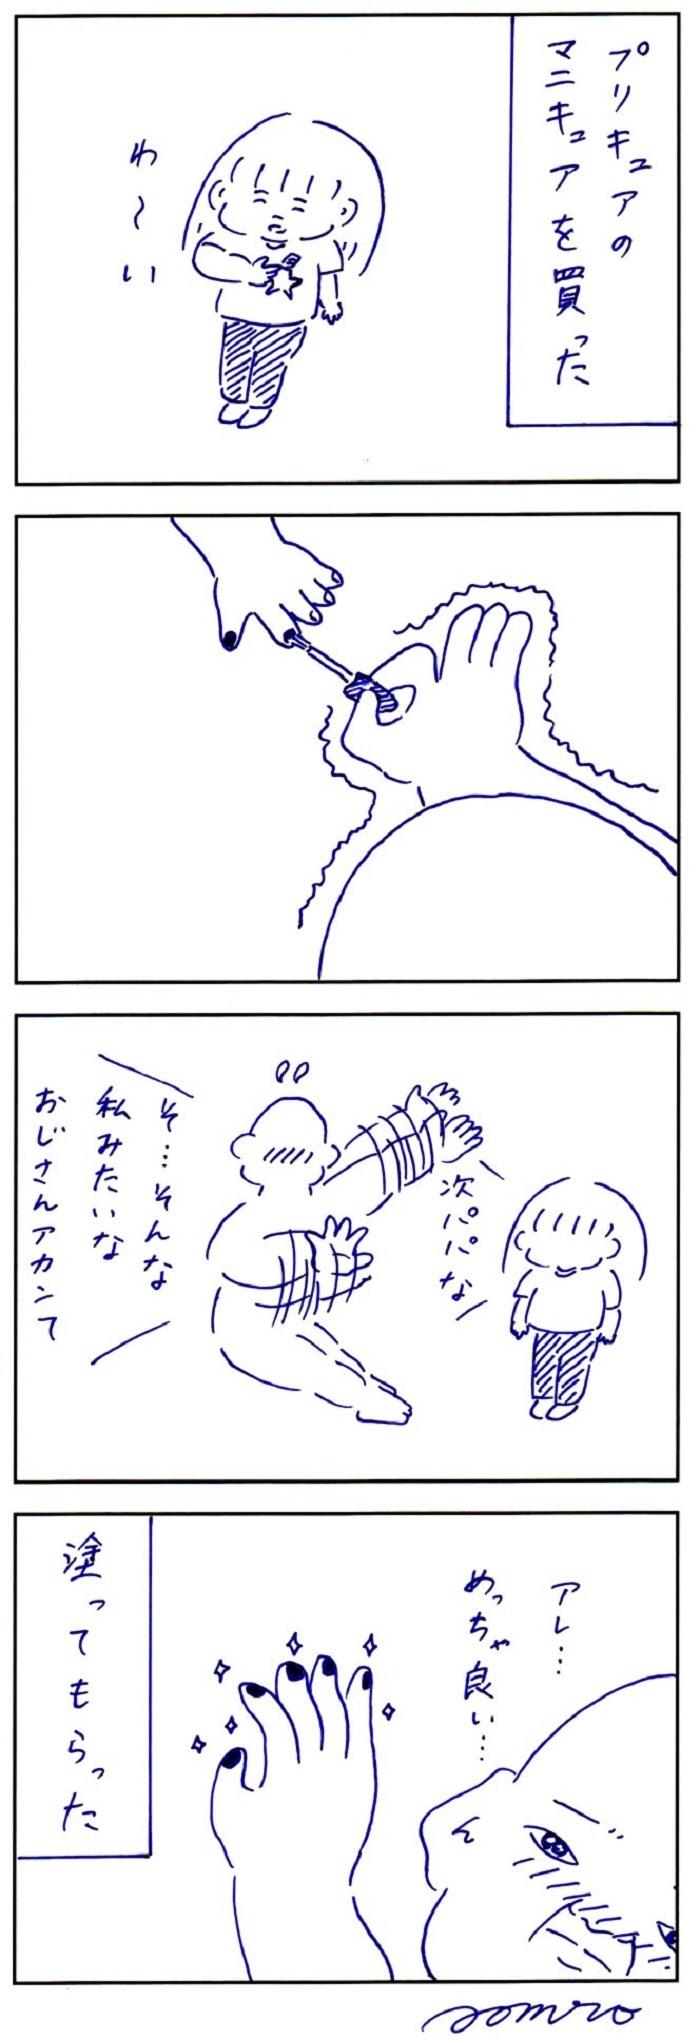 子どものアレで足首をグネる!?冷静にツッコむパパ育児日記にムフッの画像11